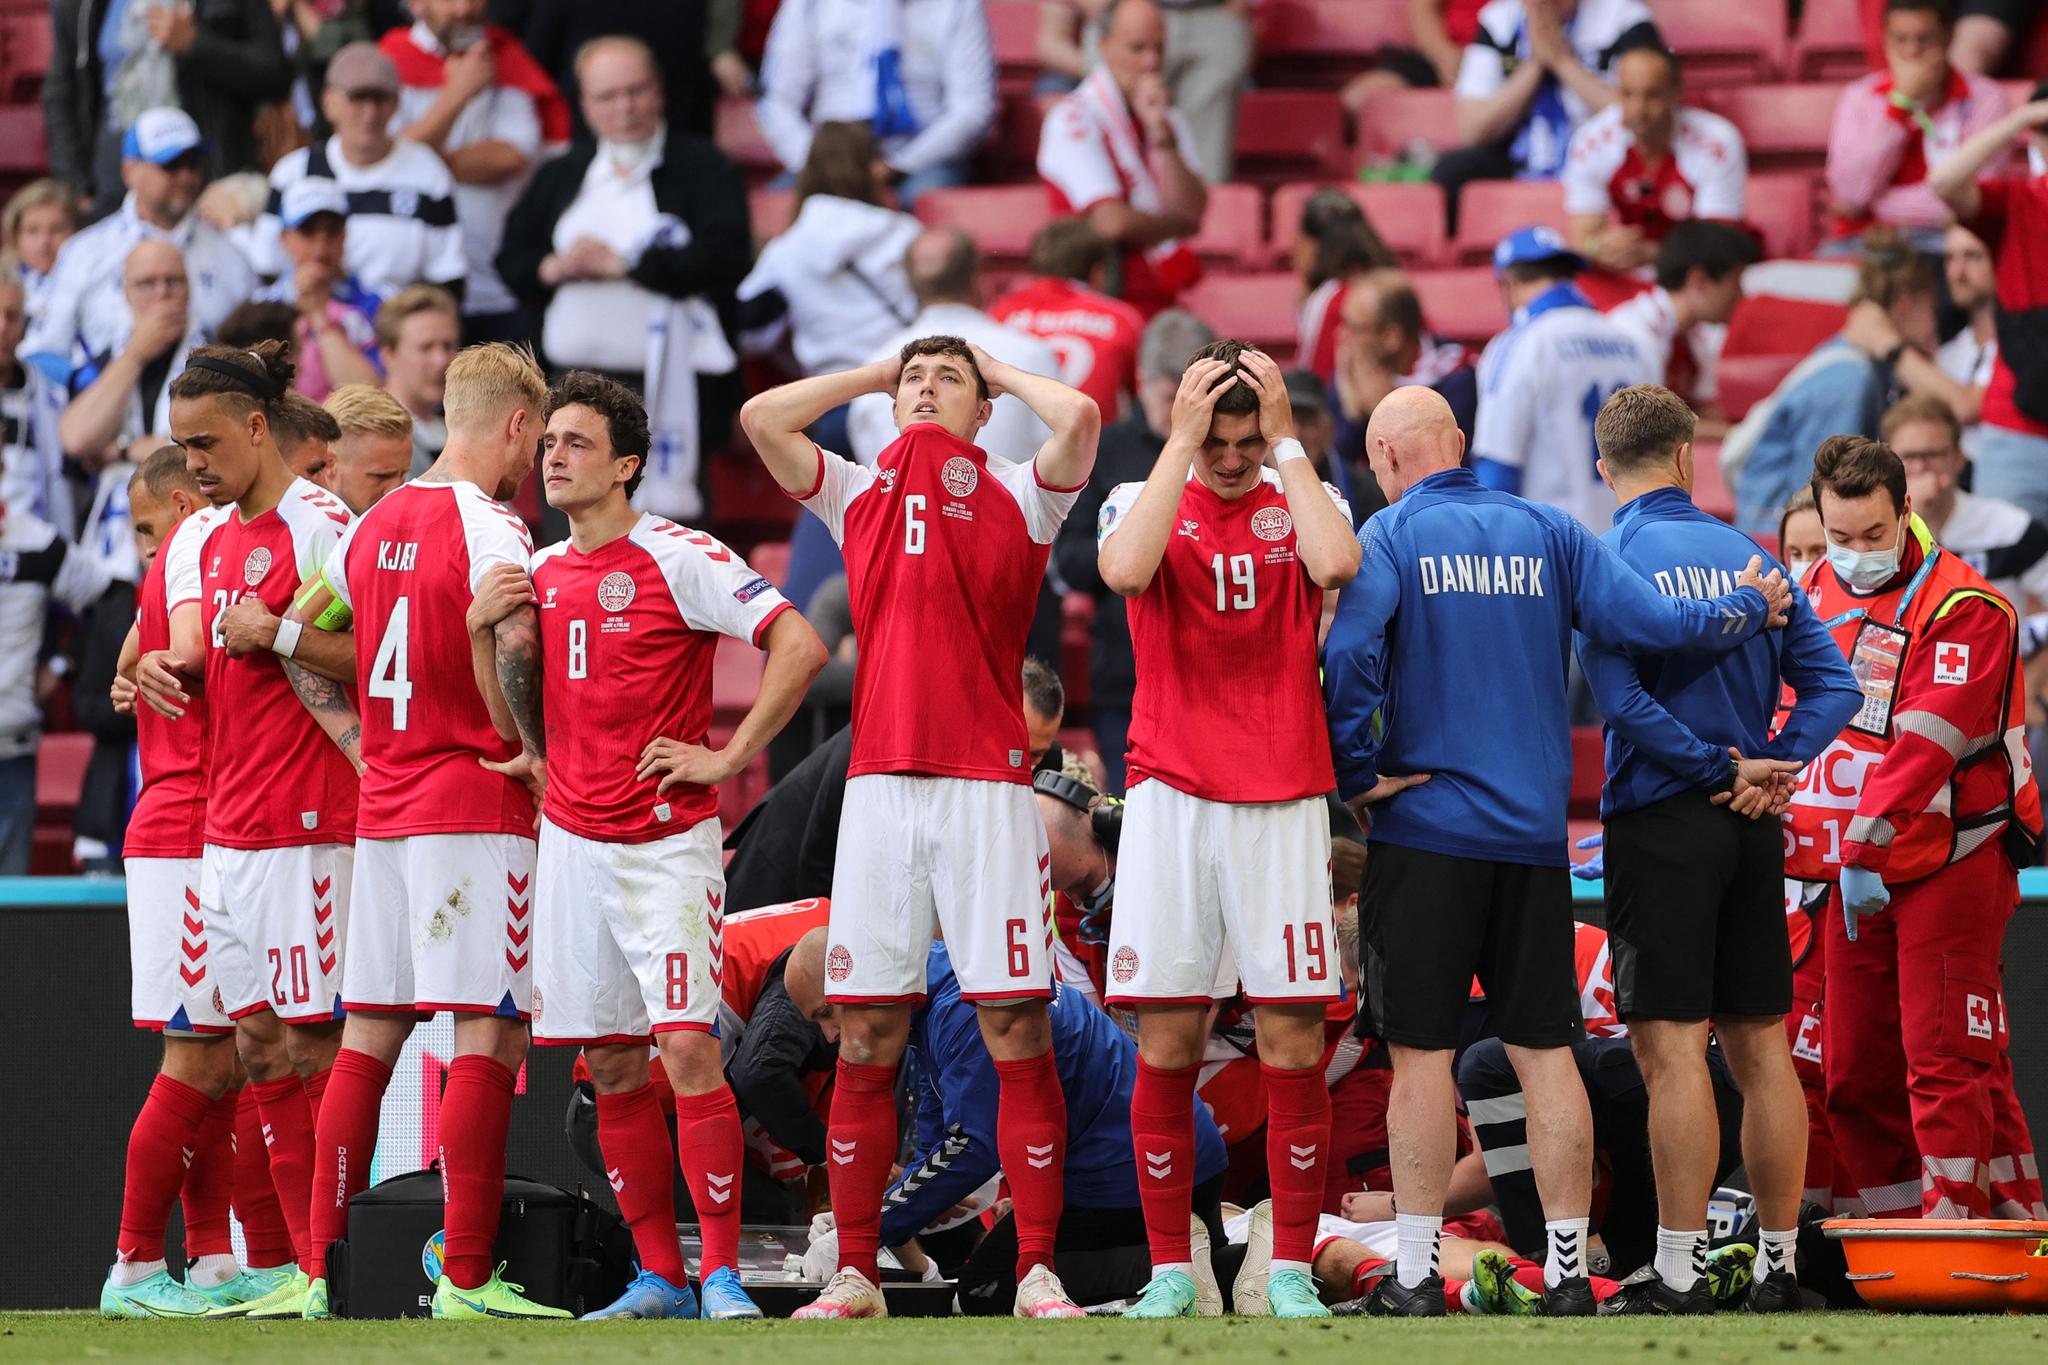 덴마크축구대표팀 선수들이 경기 중 쓰러진 에릭센이 보이지 않게 주위를 둘러쌌다. [AFP=연합뉴스]